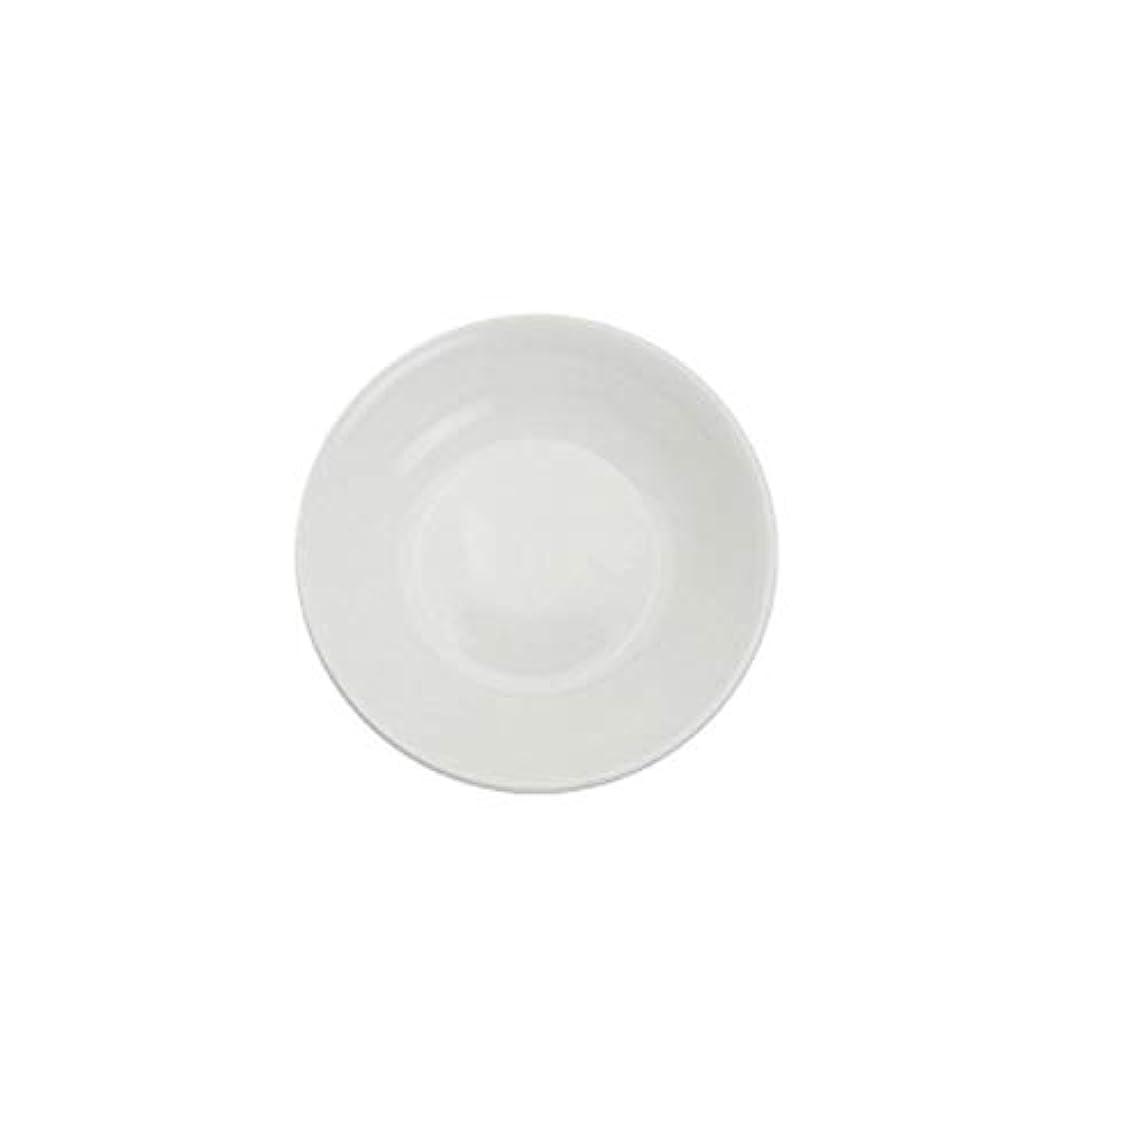 残高ラテン分布お換えのお皿 白いお皿 茶香炉 陶器茶香炉 茶こうろ 茶 インテリア アロマディフューザー 精油和風 アロマ リビング セットお皿だけ